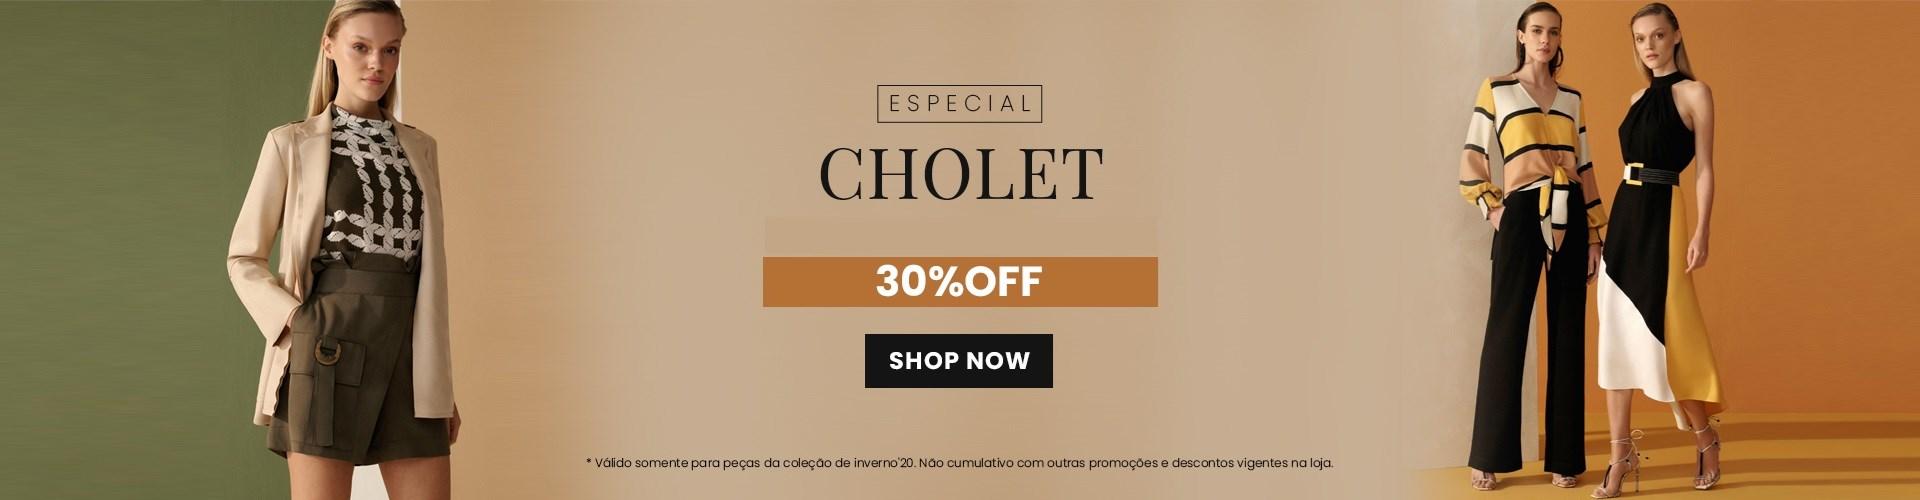 Cholet com 30% OFF